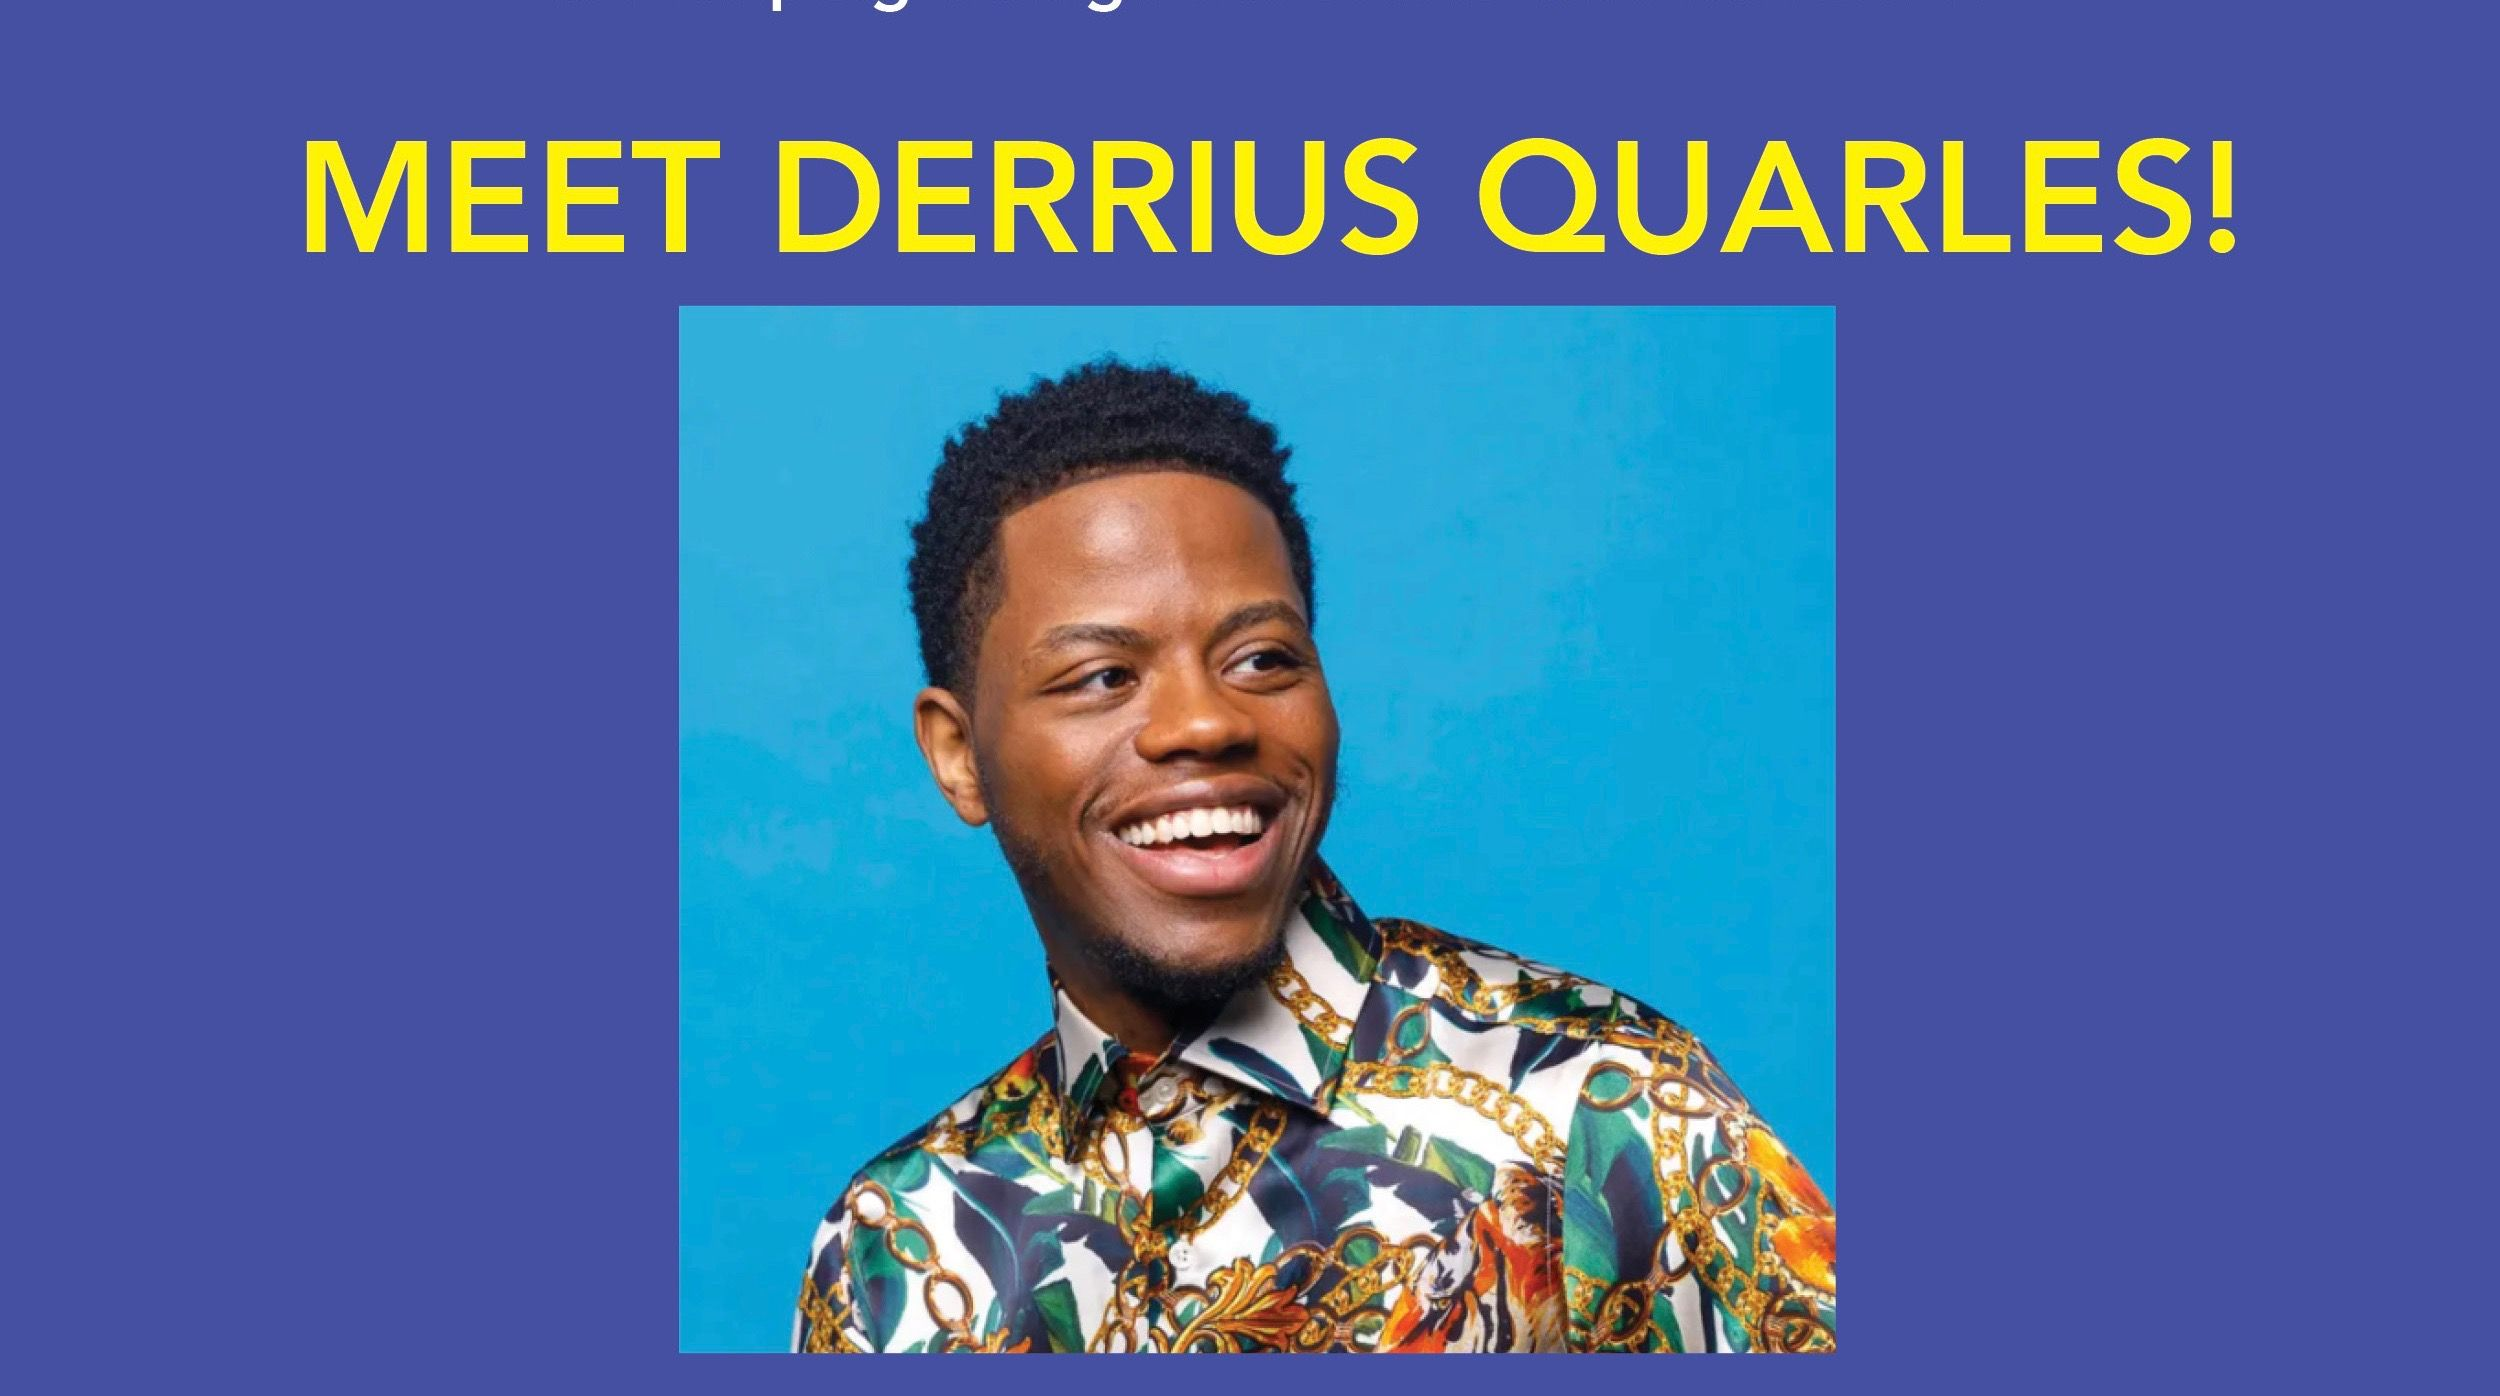 Meet Derrius Quarles